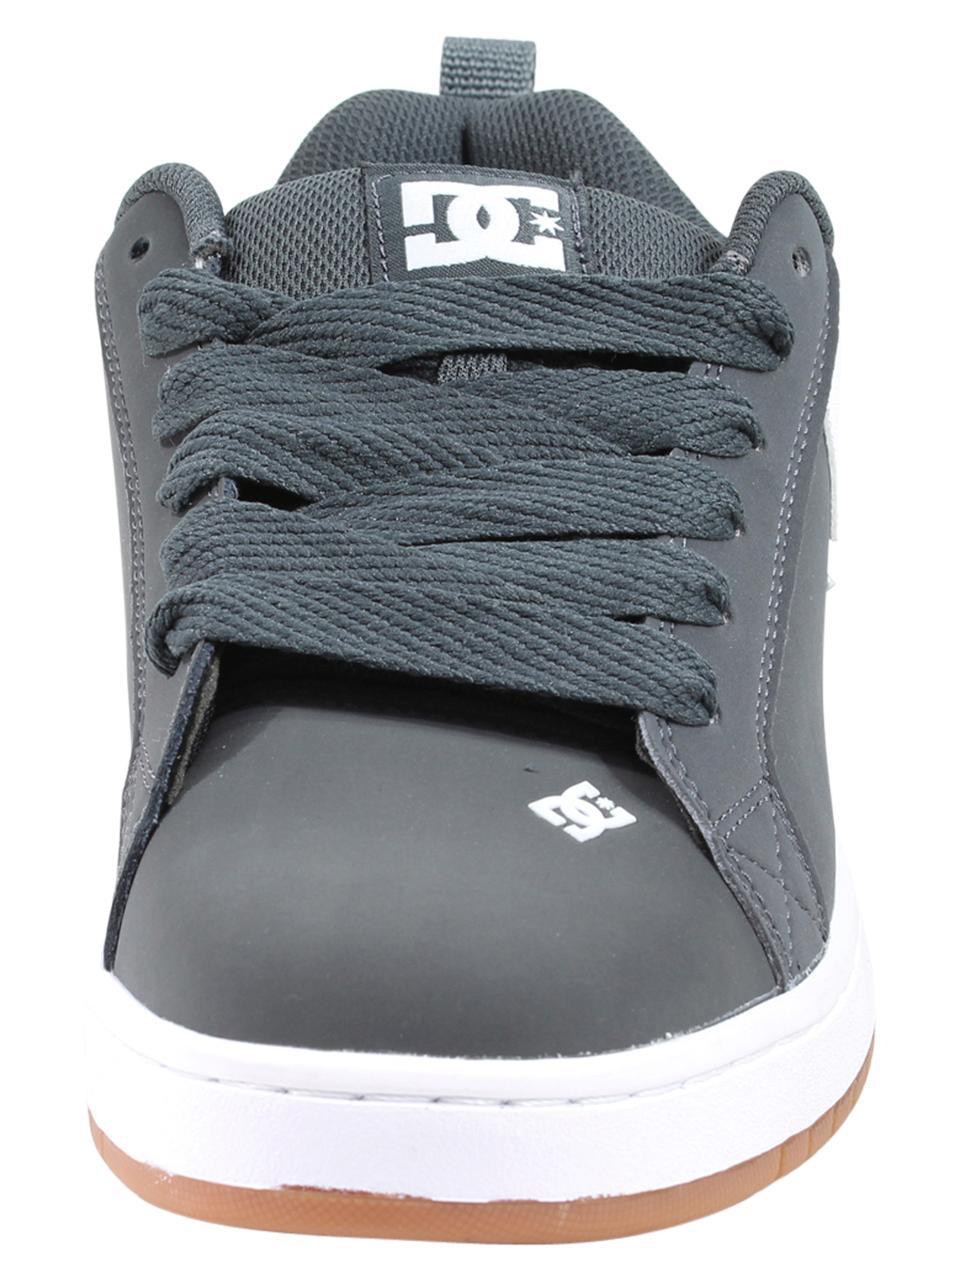 sale retailer 80c1c ef643 Details about DC Shoes Men's Court Graffik Skateboarding Sneakers Shoes